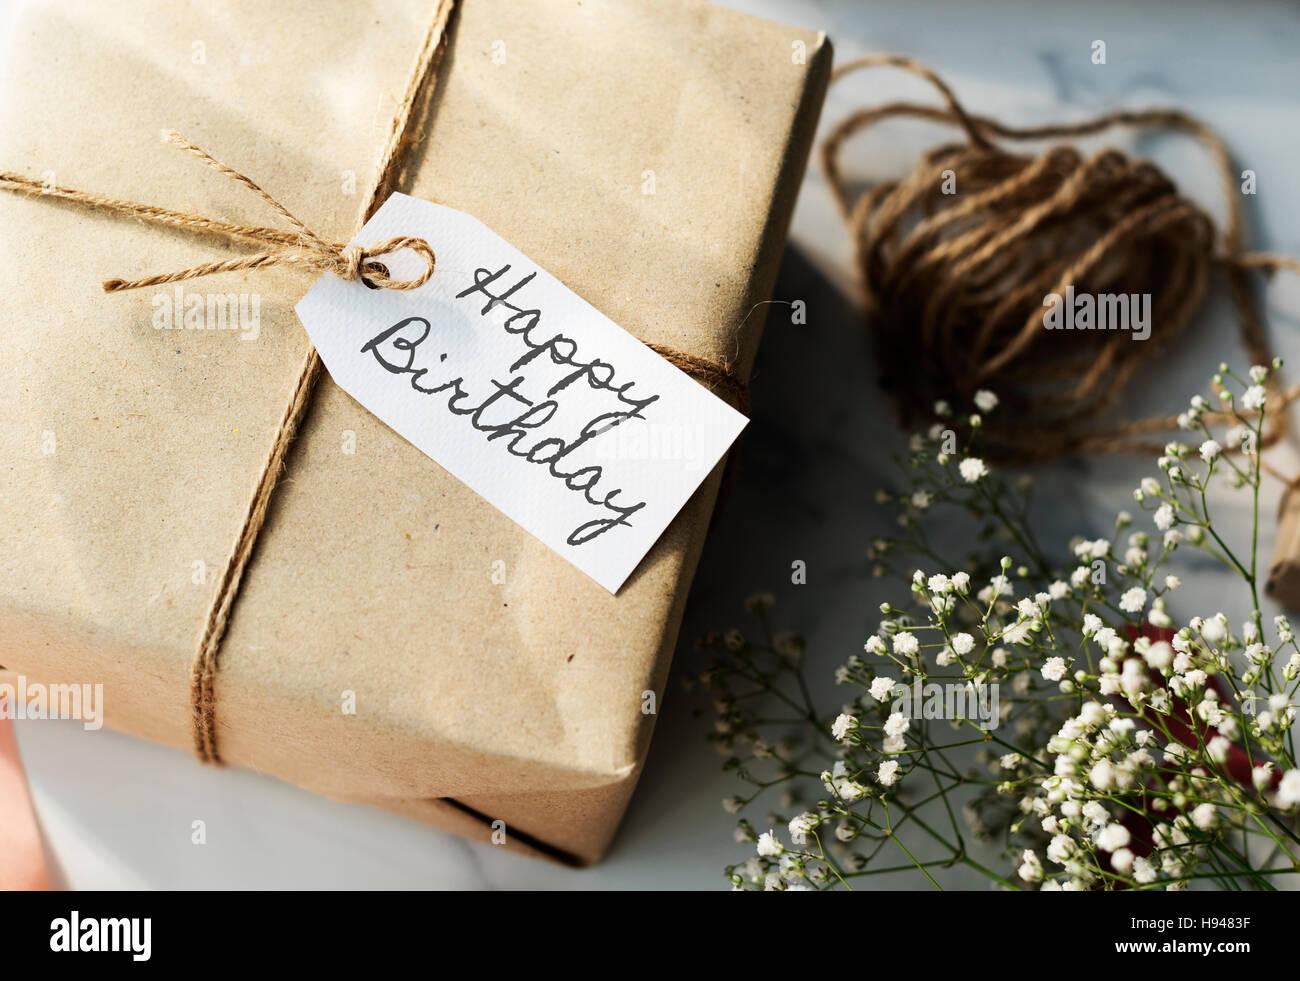 HBD Feliz Cumpleaños felicitación parte concepto Imagen De Stock